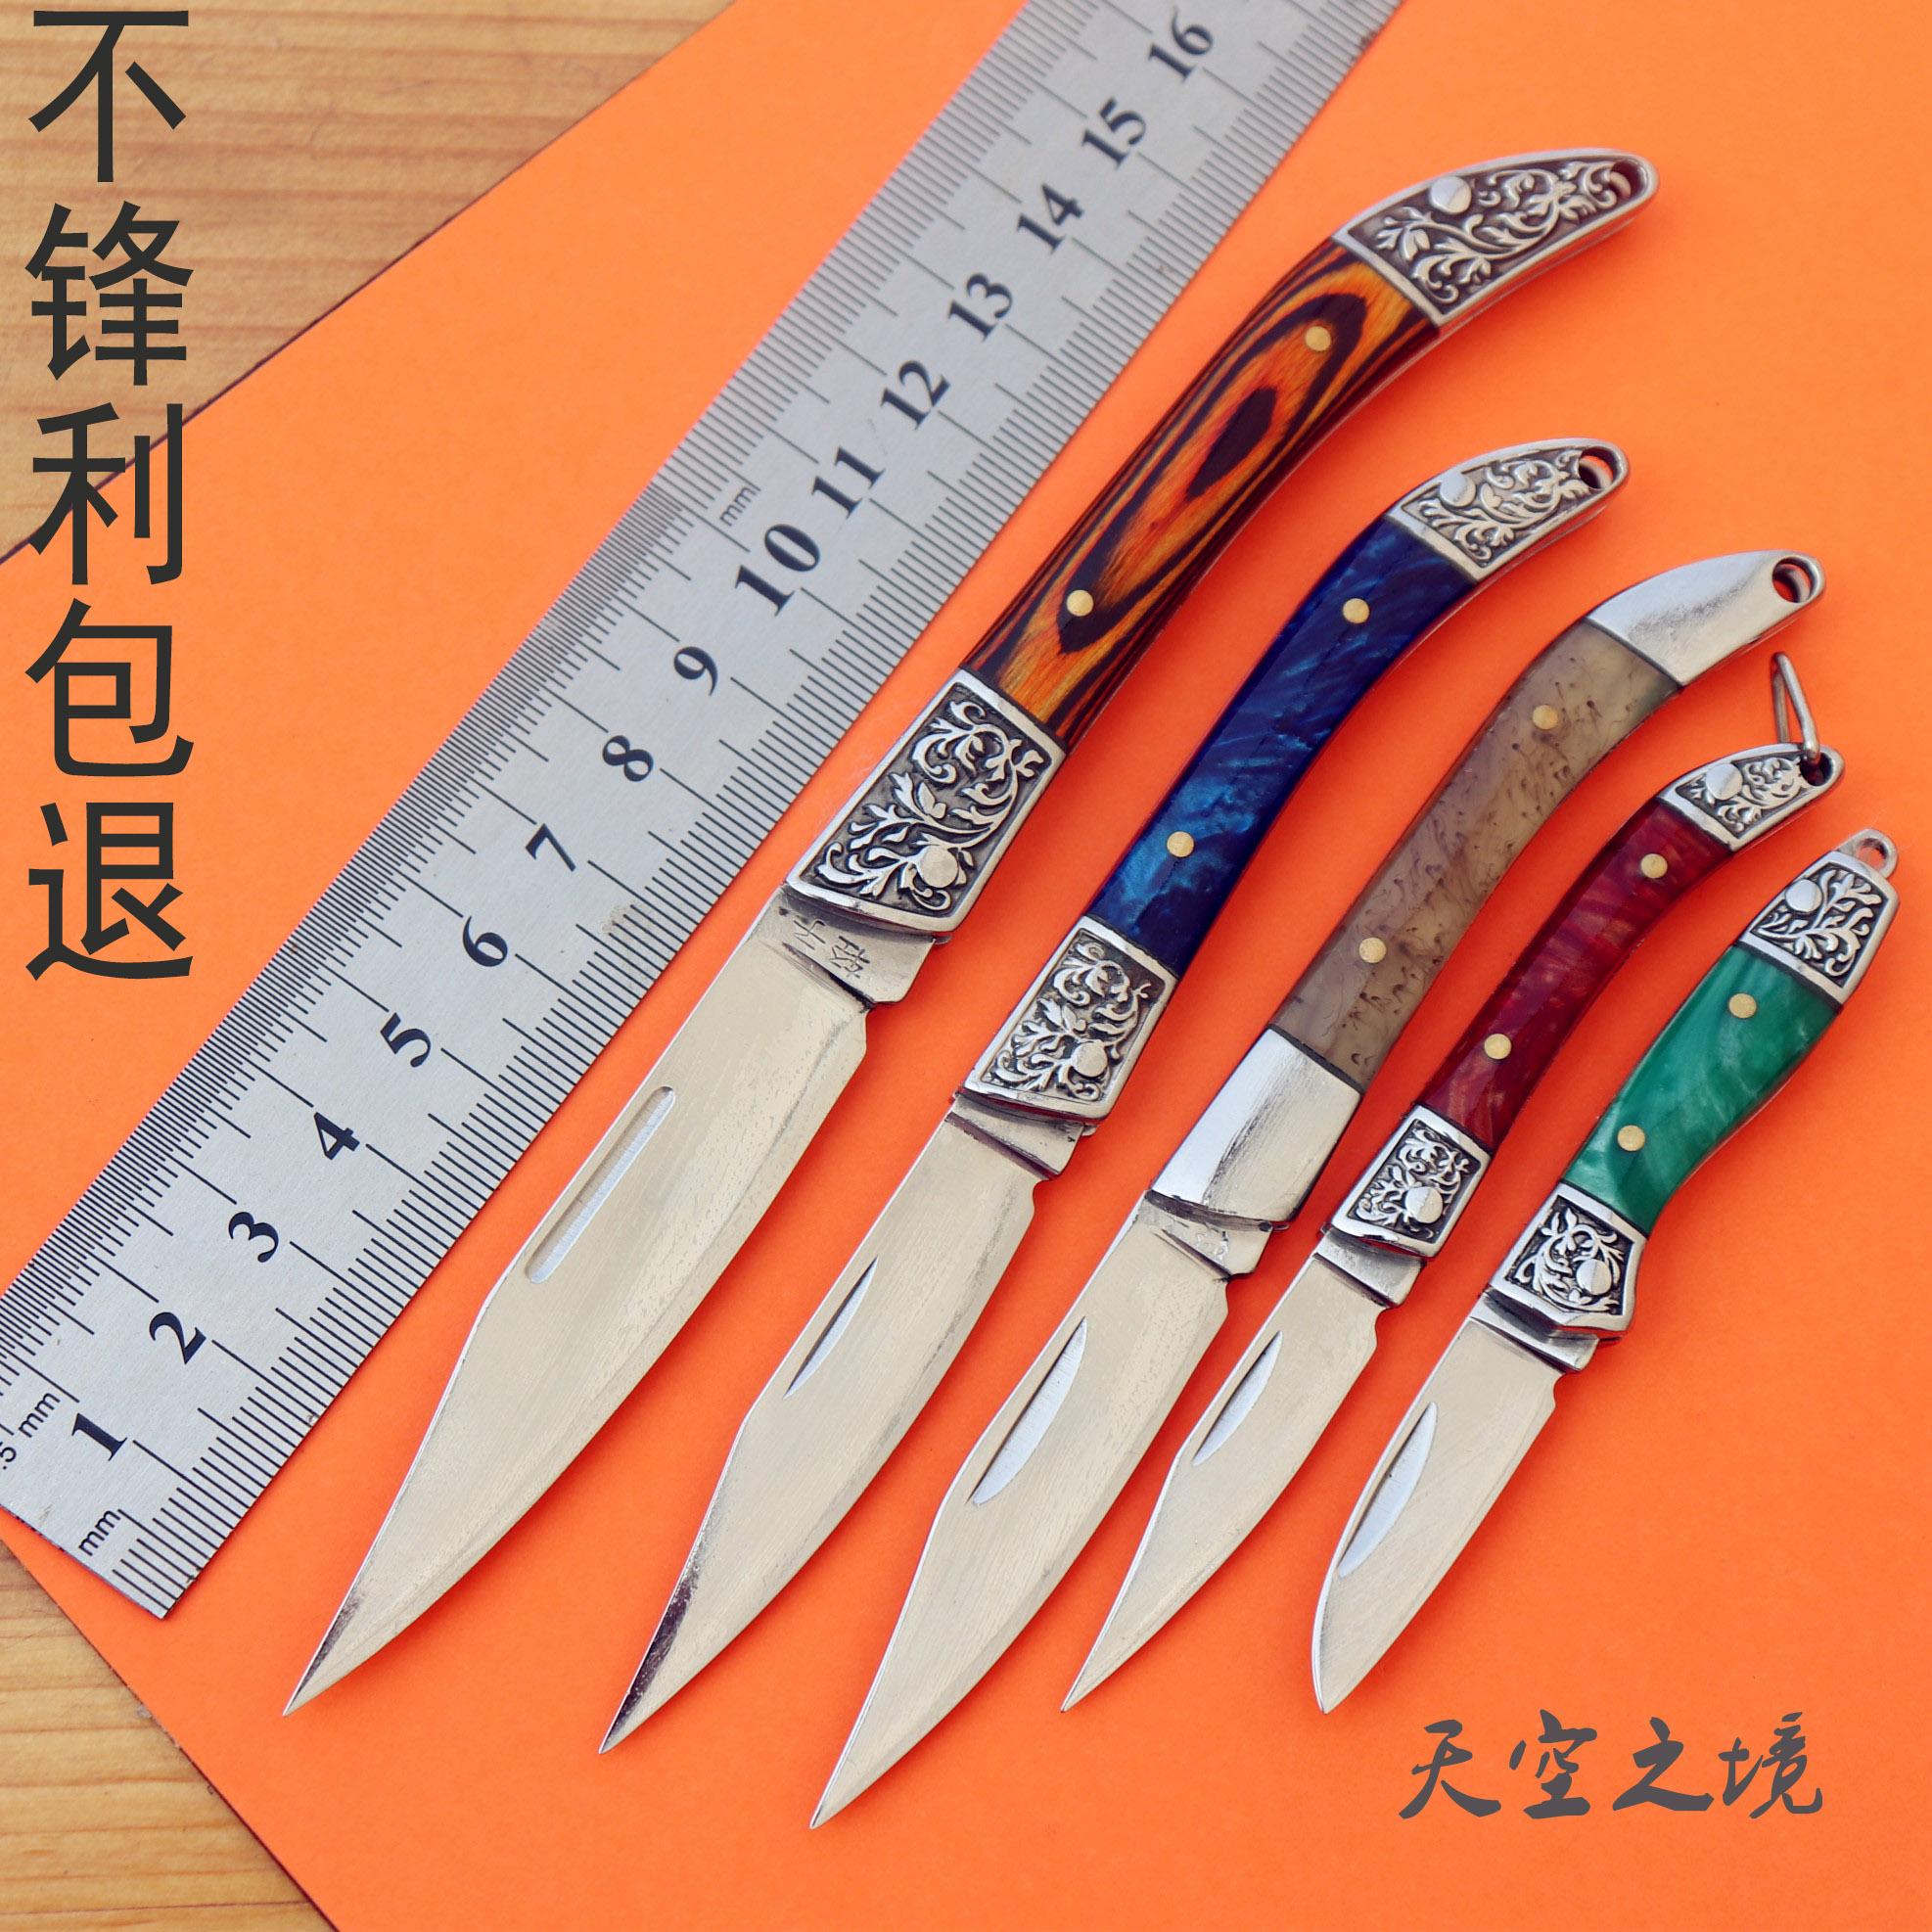 锋利随身精品高硬度折刀折便携叠刀户外防身小刀雕刻刀迷你水果刀